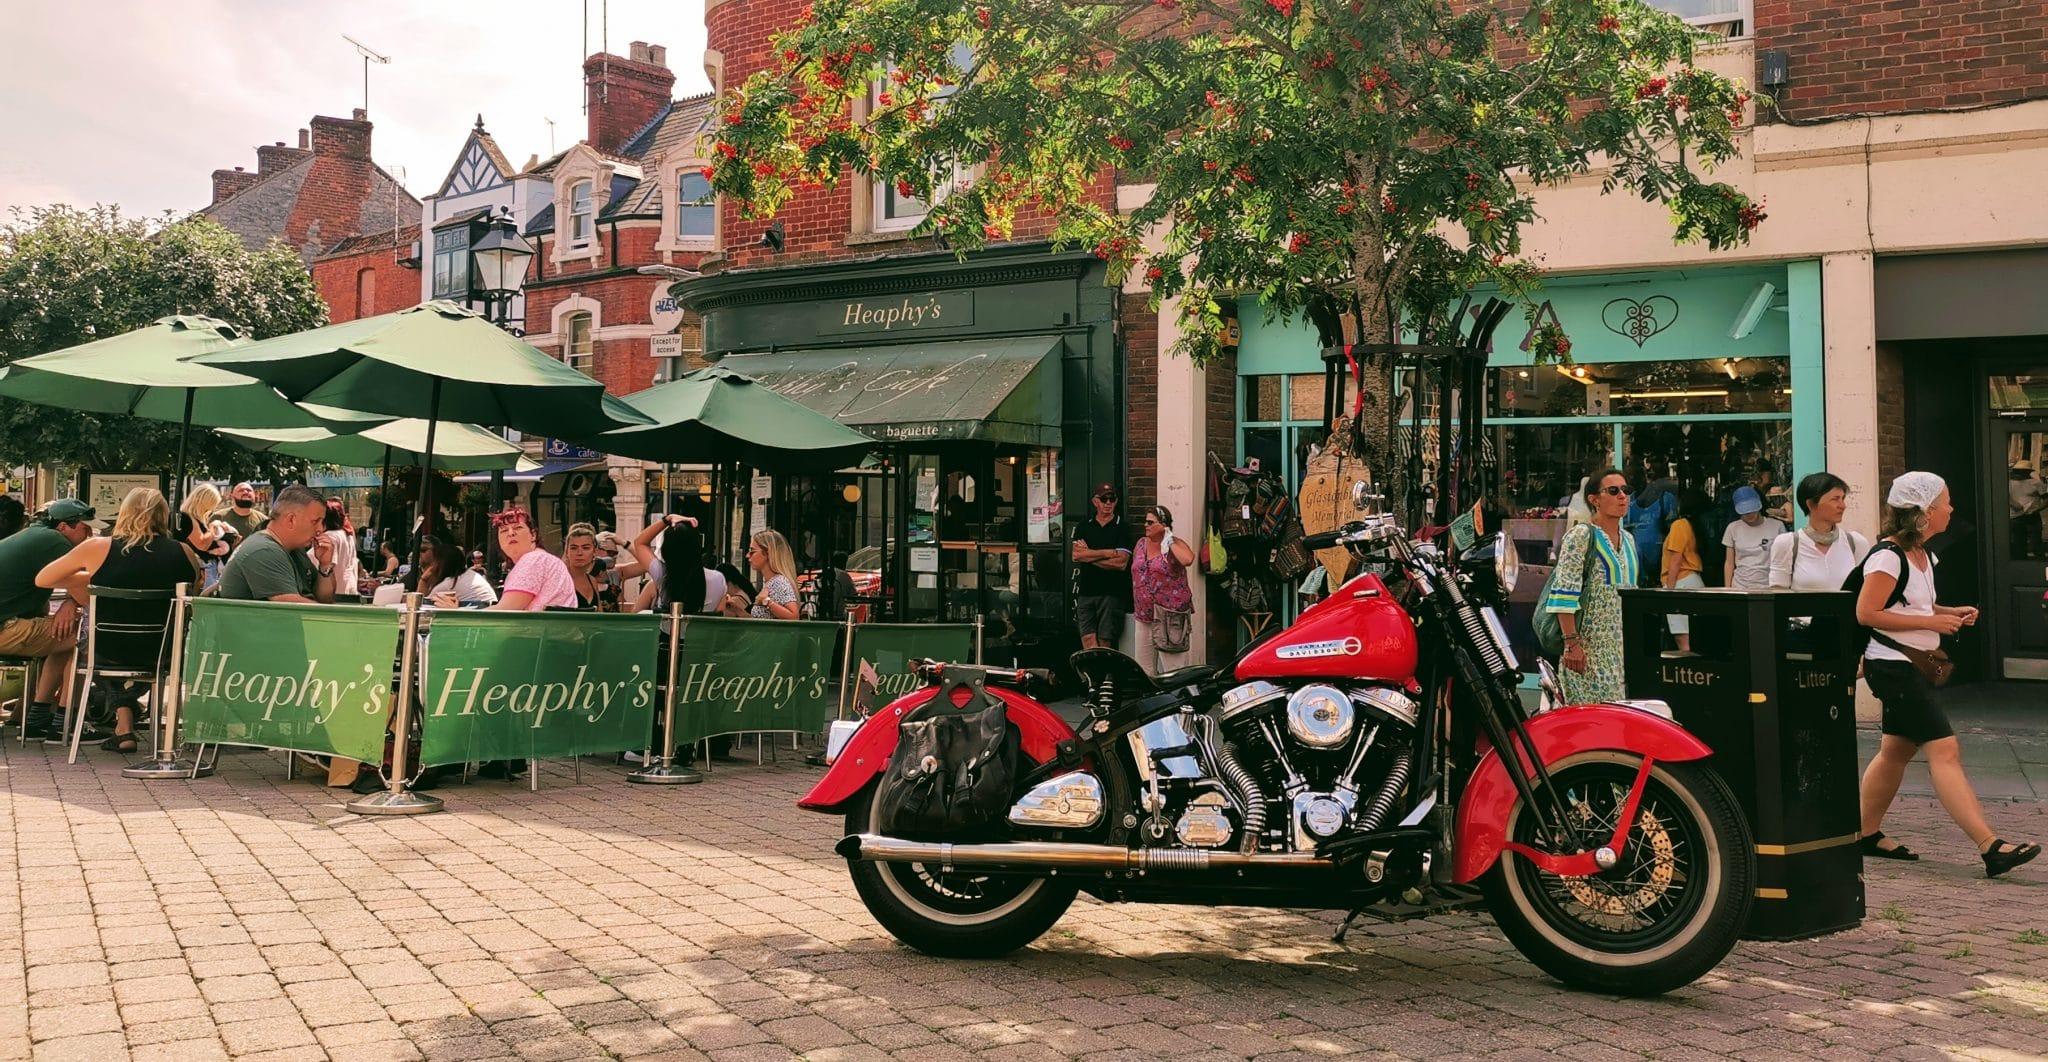 Harley davidson on Glastonbury market place